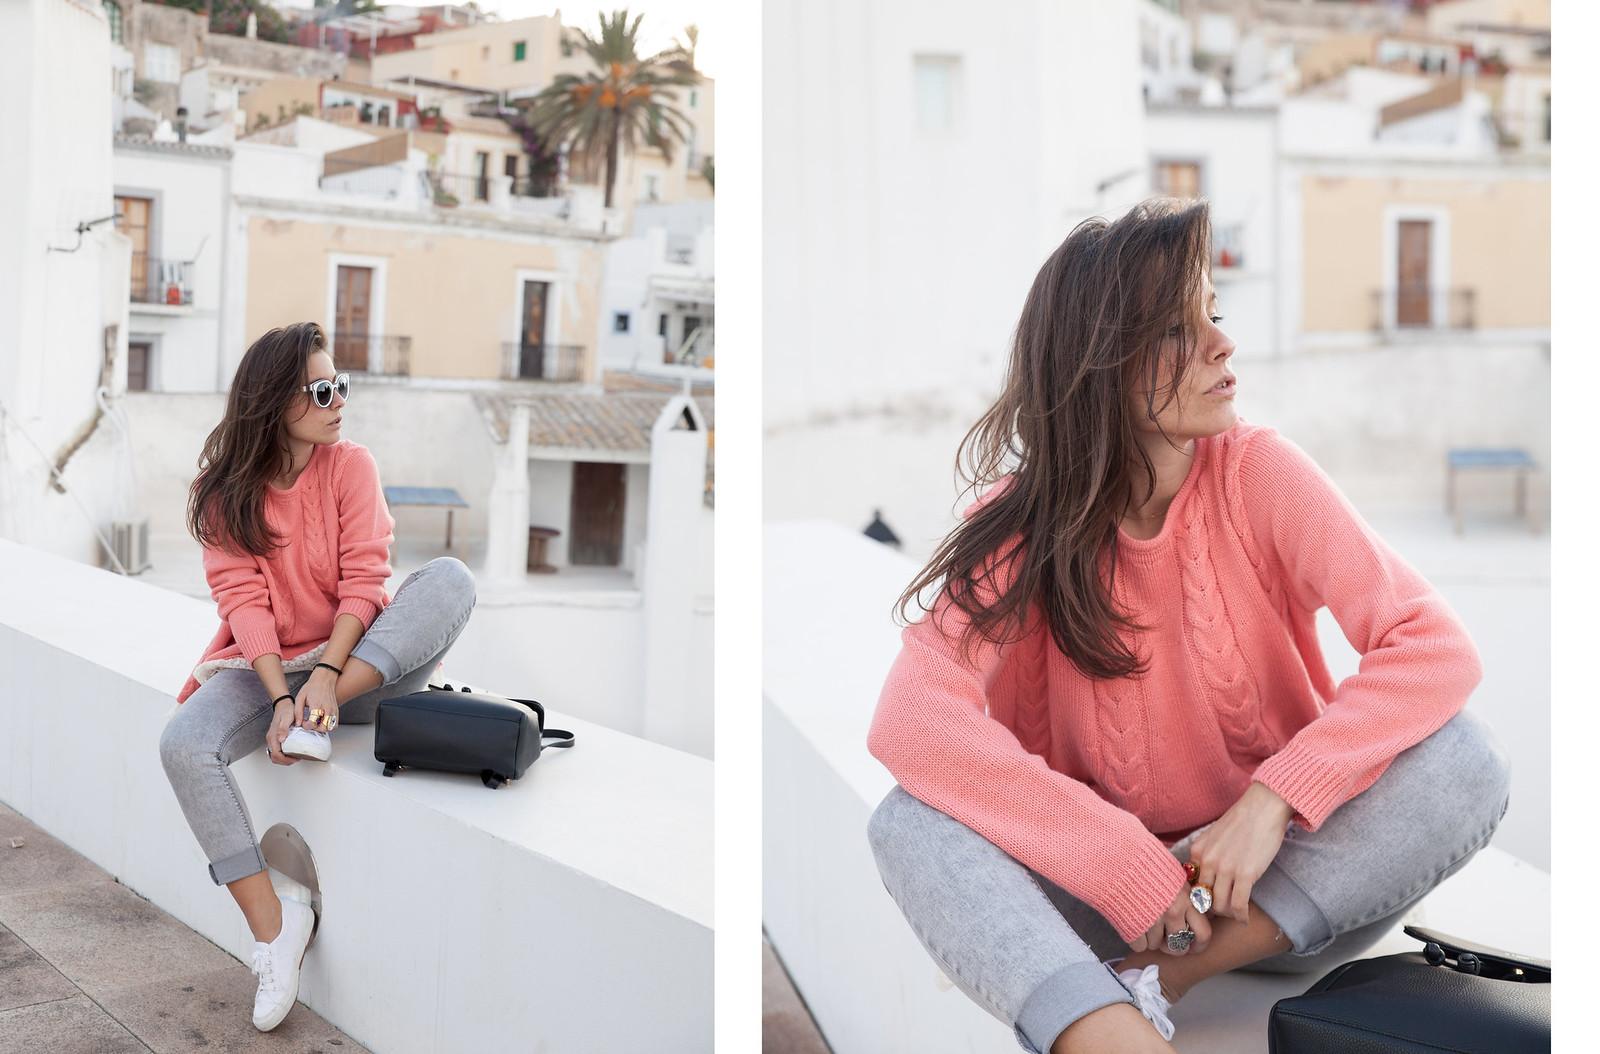 como combinar jersey de punto rosa theguestgirl influencer ibiza spain barcelona laura santolaria brand ambassador spain ibiza barcelona